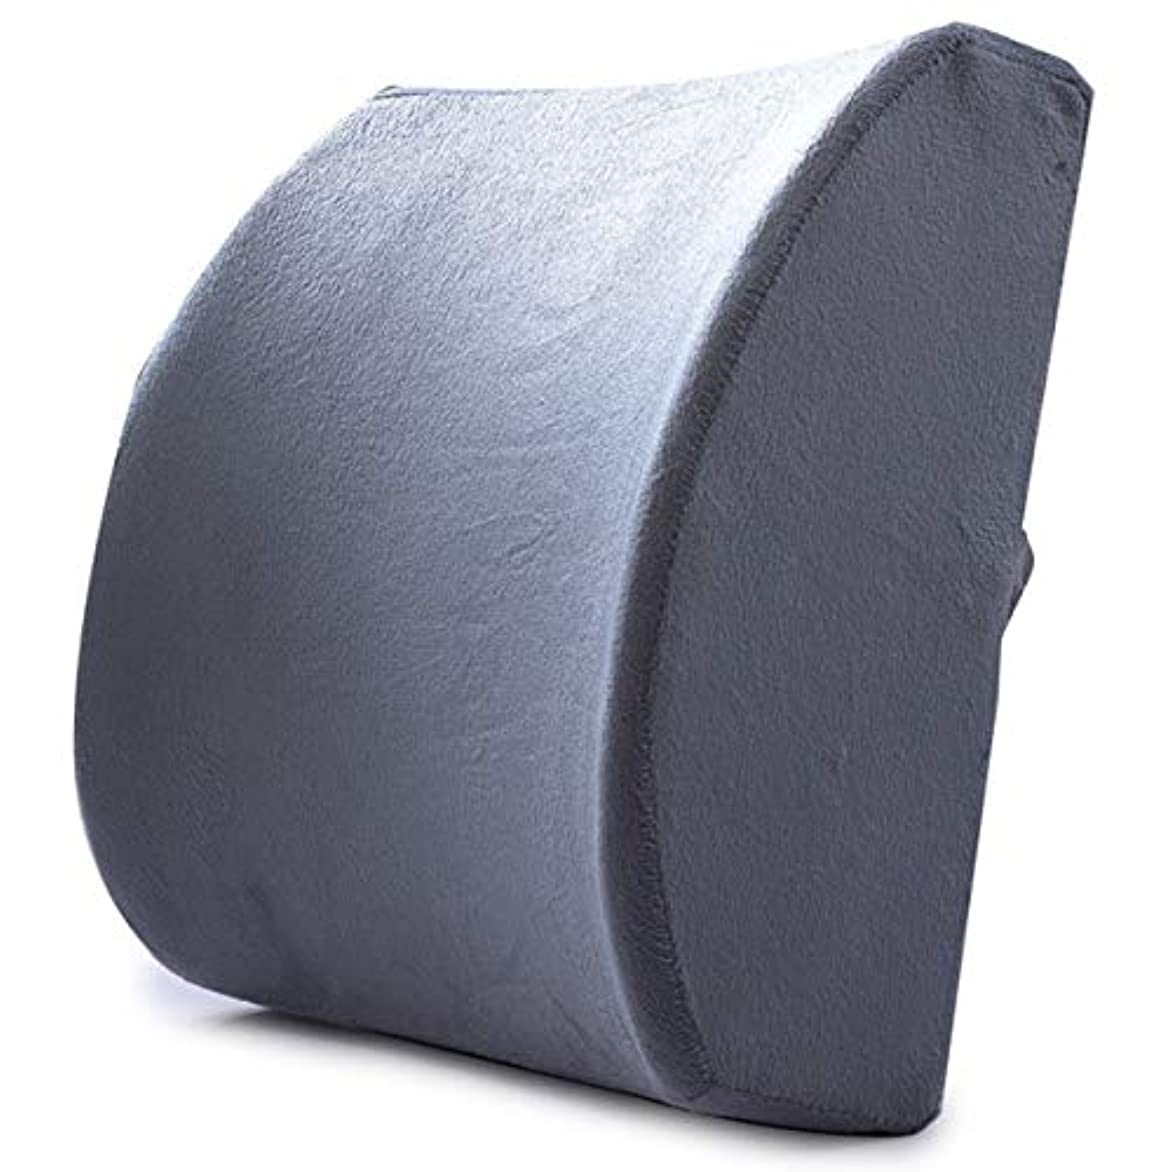 ひそかにくるくるうそつきMemory Foam Lumbar Support Waist Cushion Pillow For Chairs in the Car Seat Pillows Home Office Relieve Pain